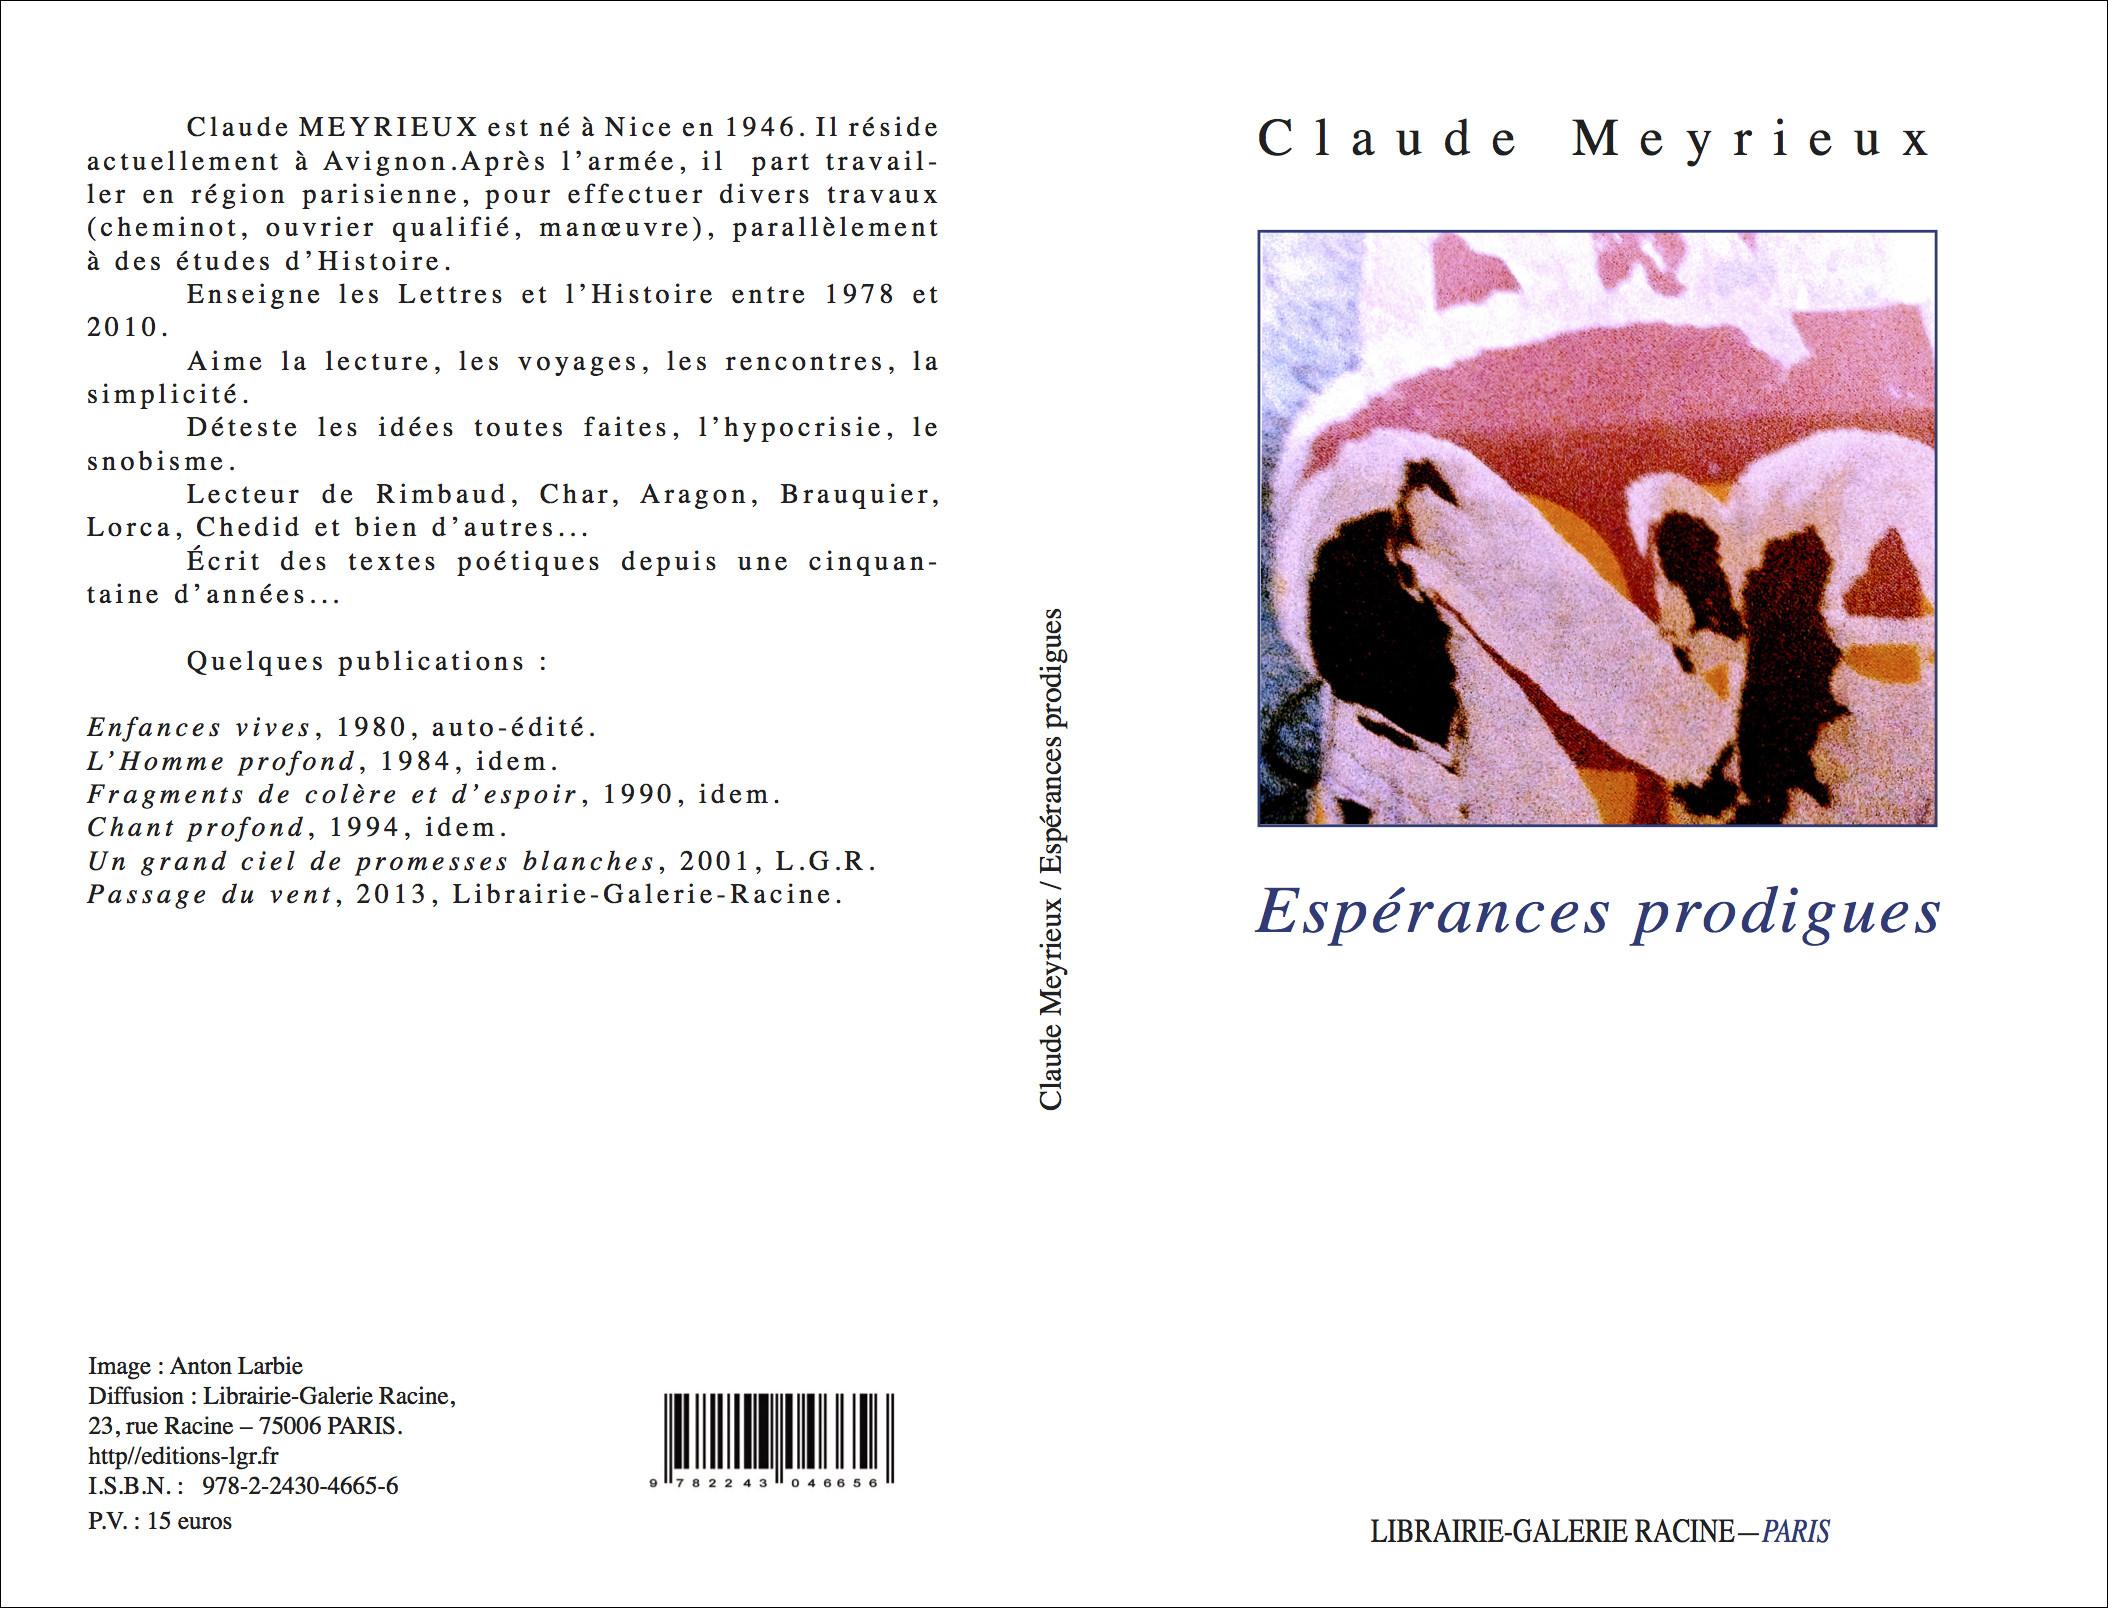 Claude MEYRIEUX - Espérances prodigues